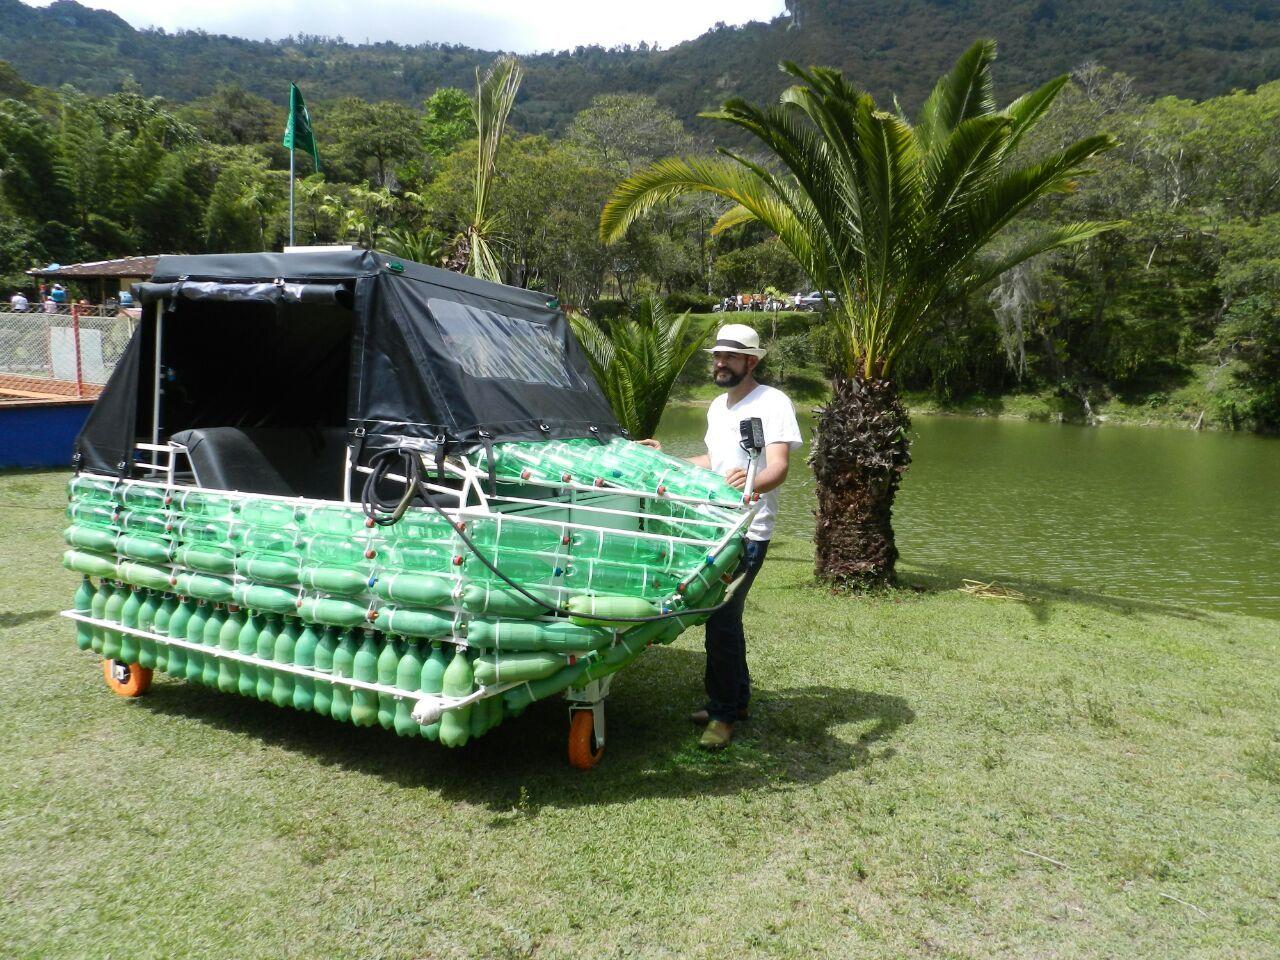 Navegarán el río Magdalena en bote construido con botellas de plástico